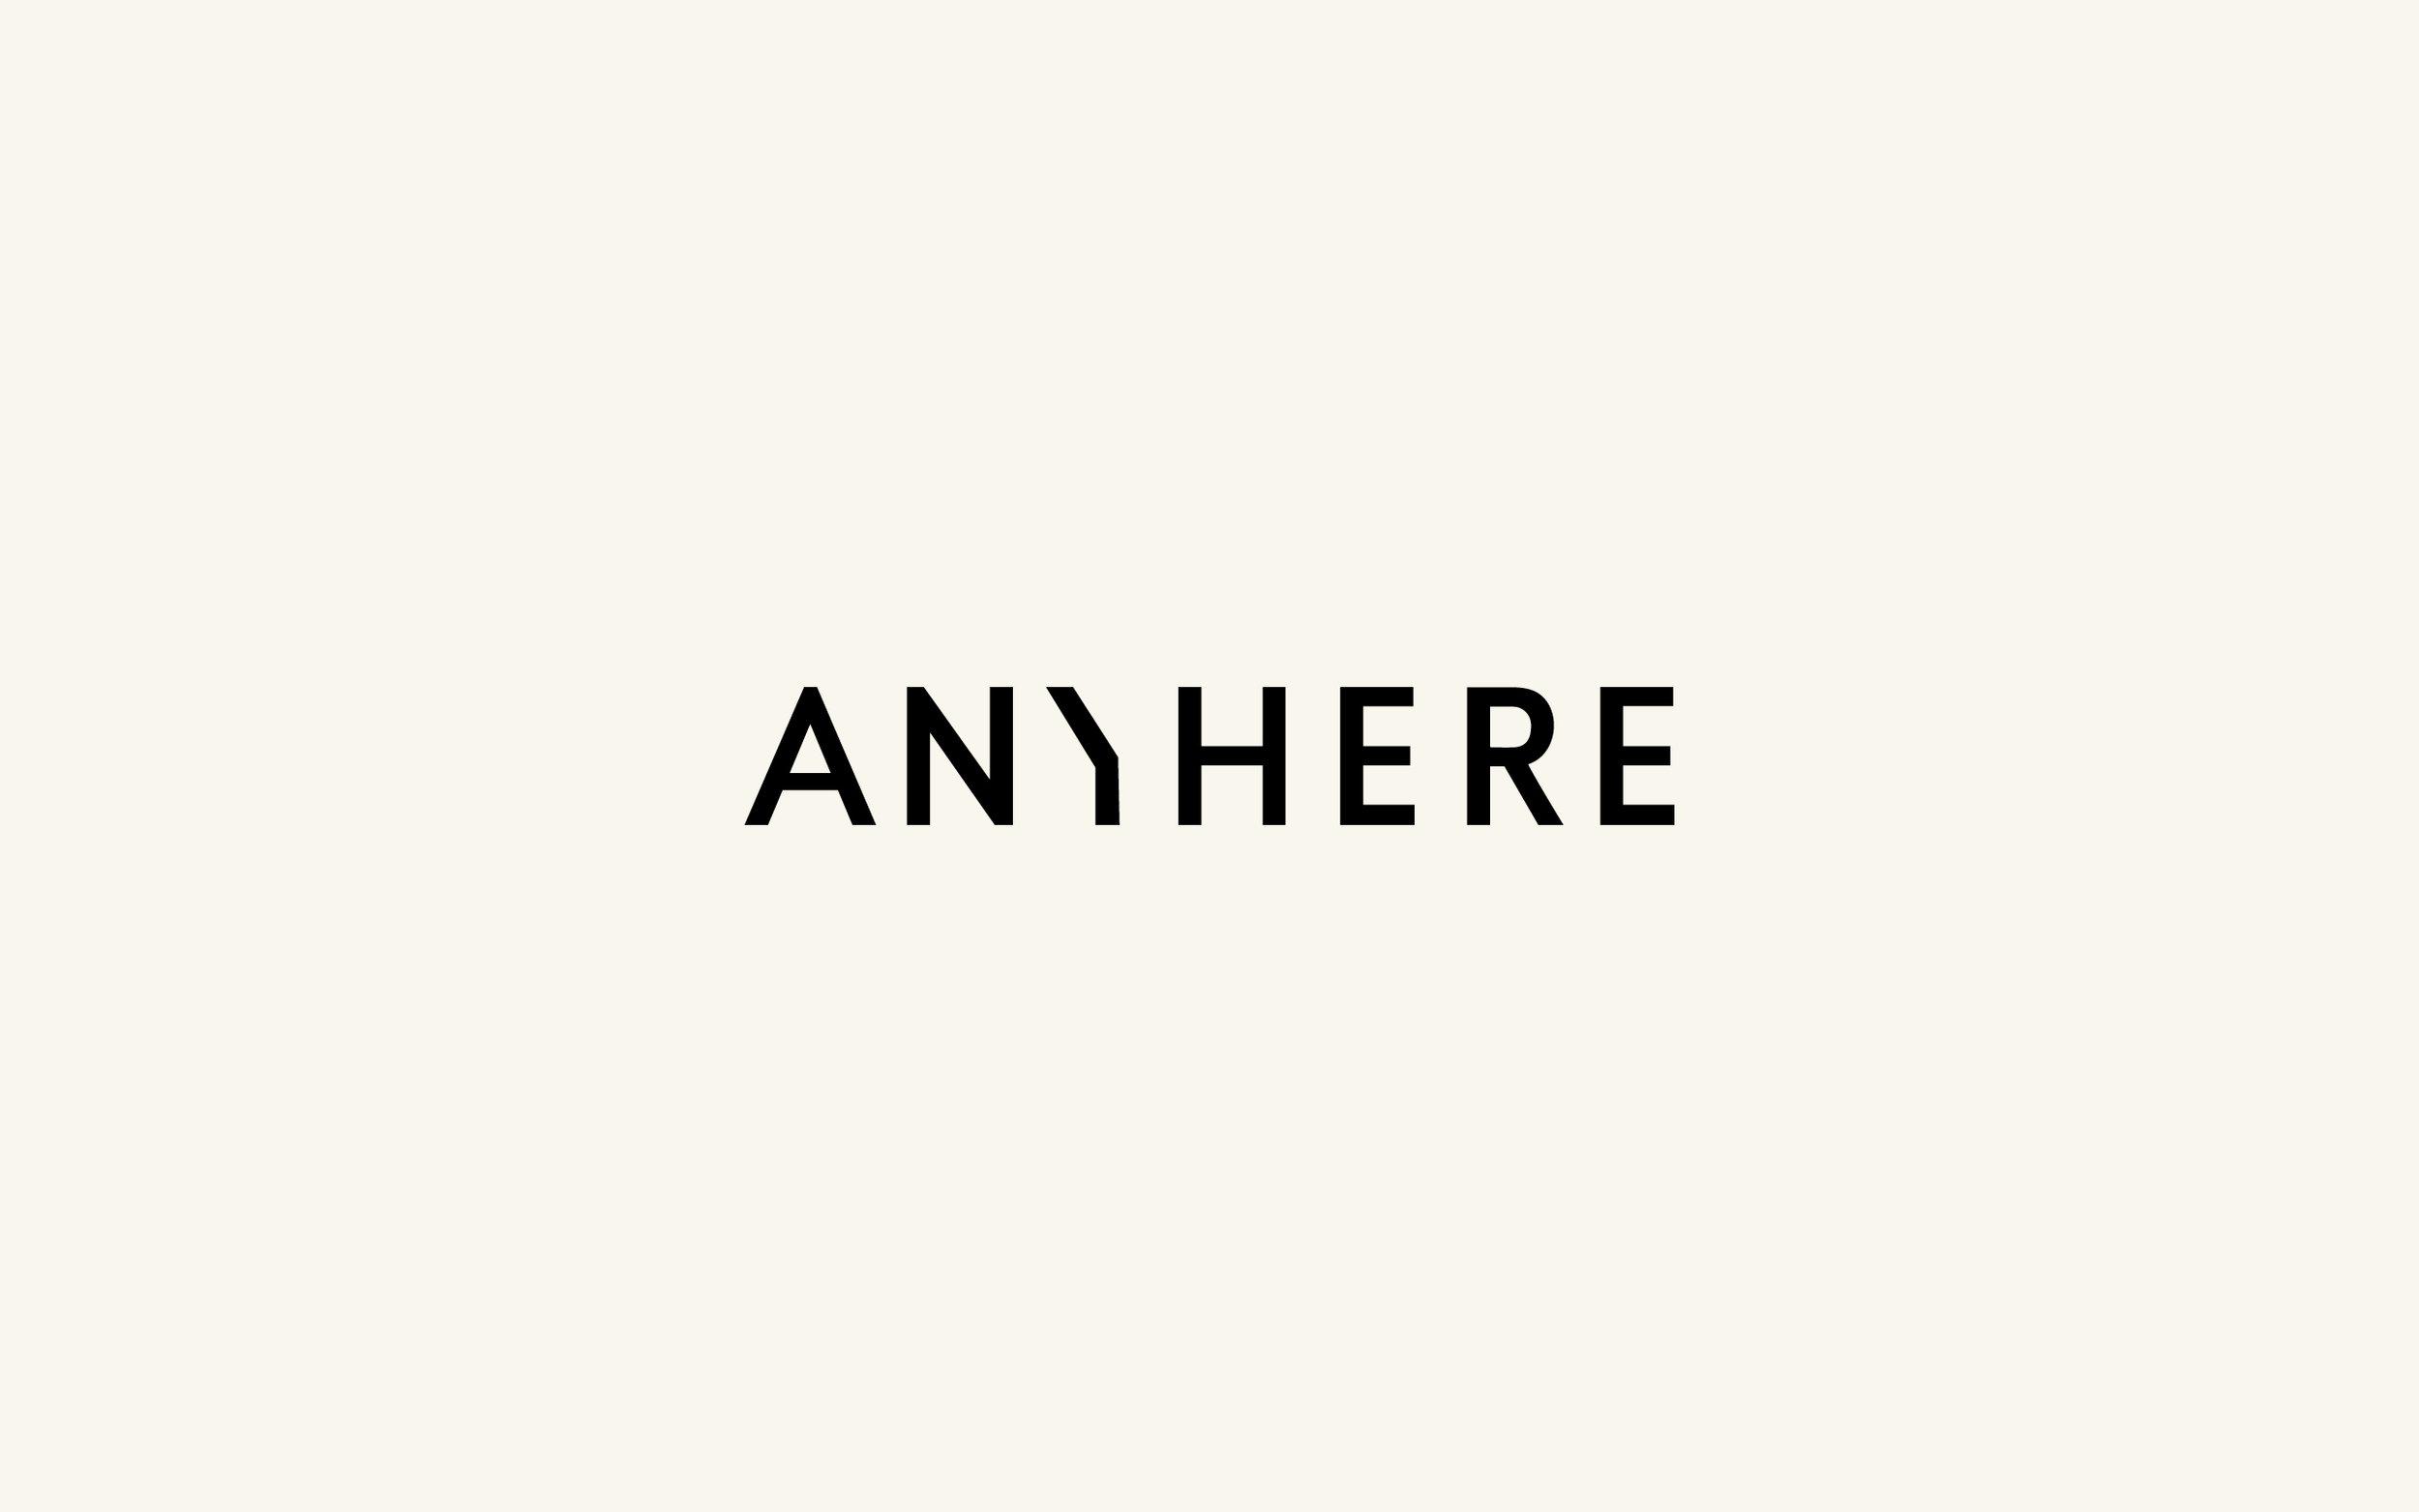 Anyhere_case2019.jpg